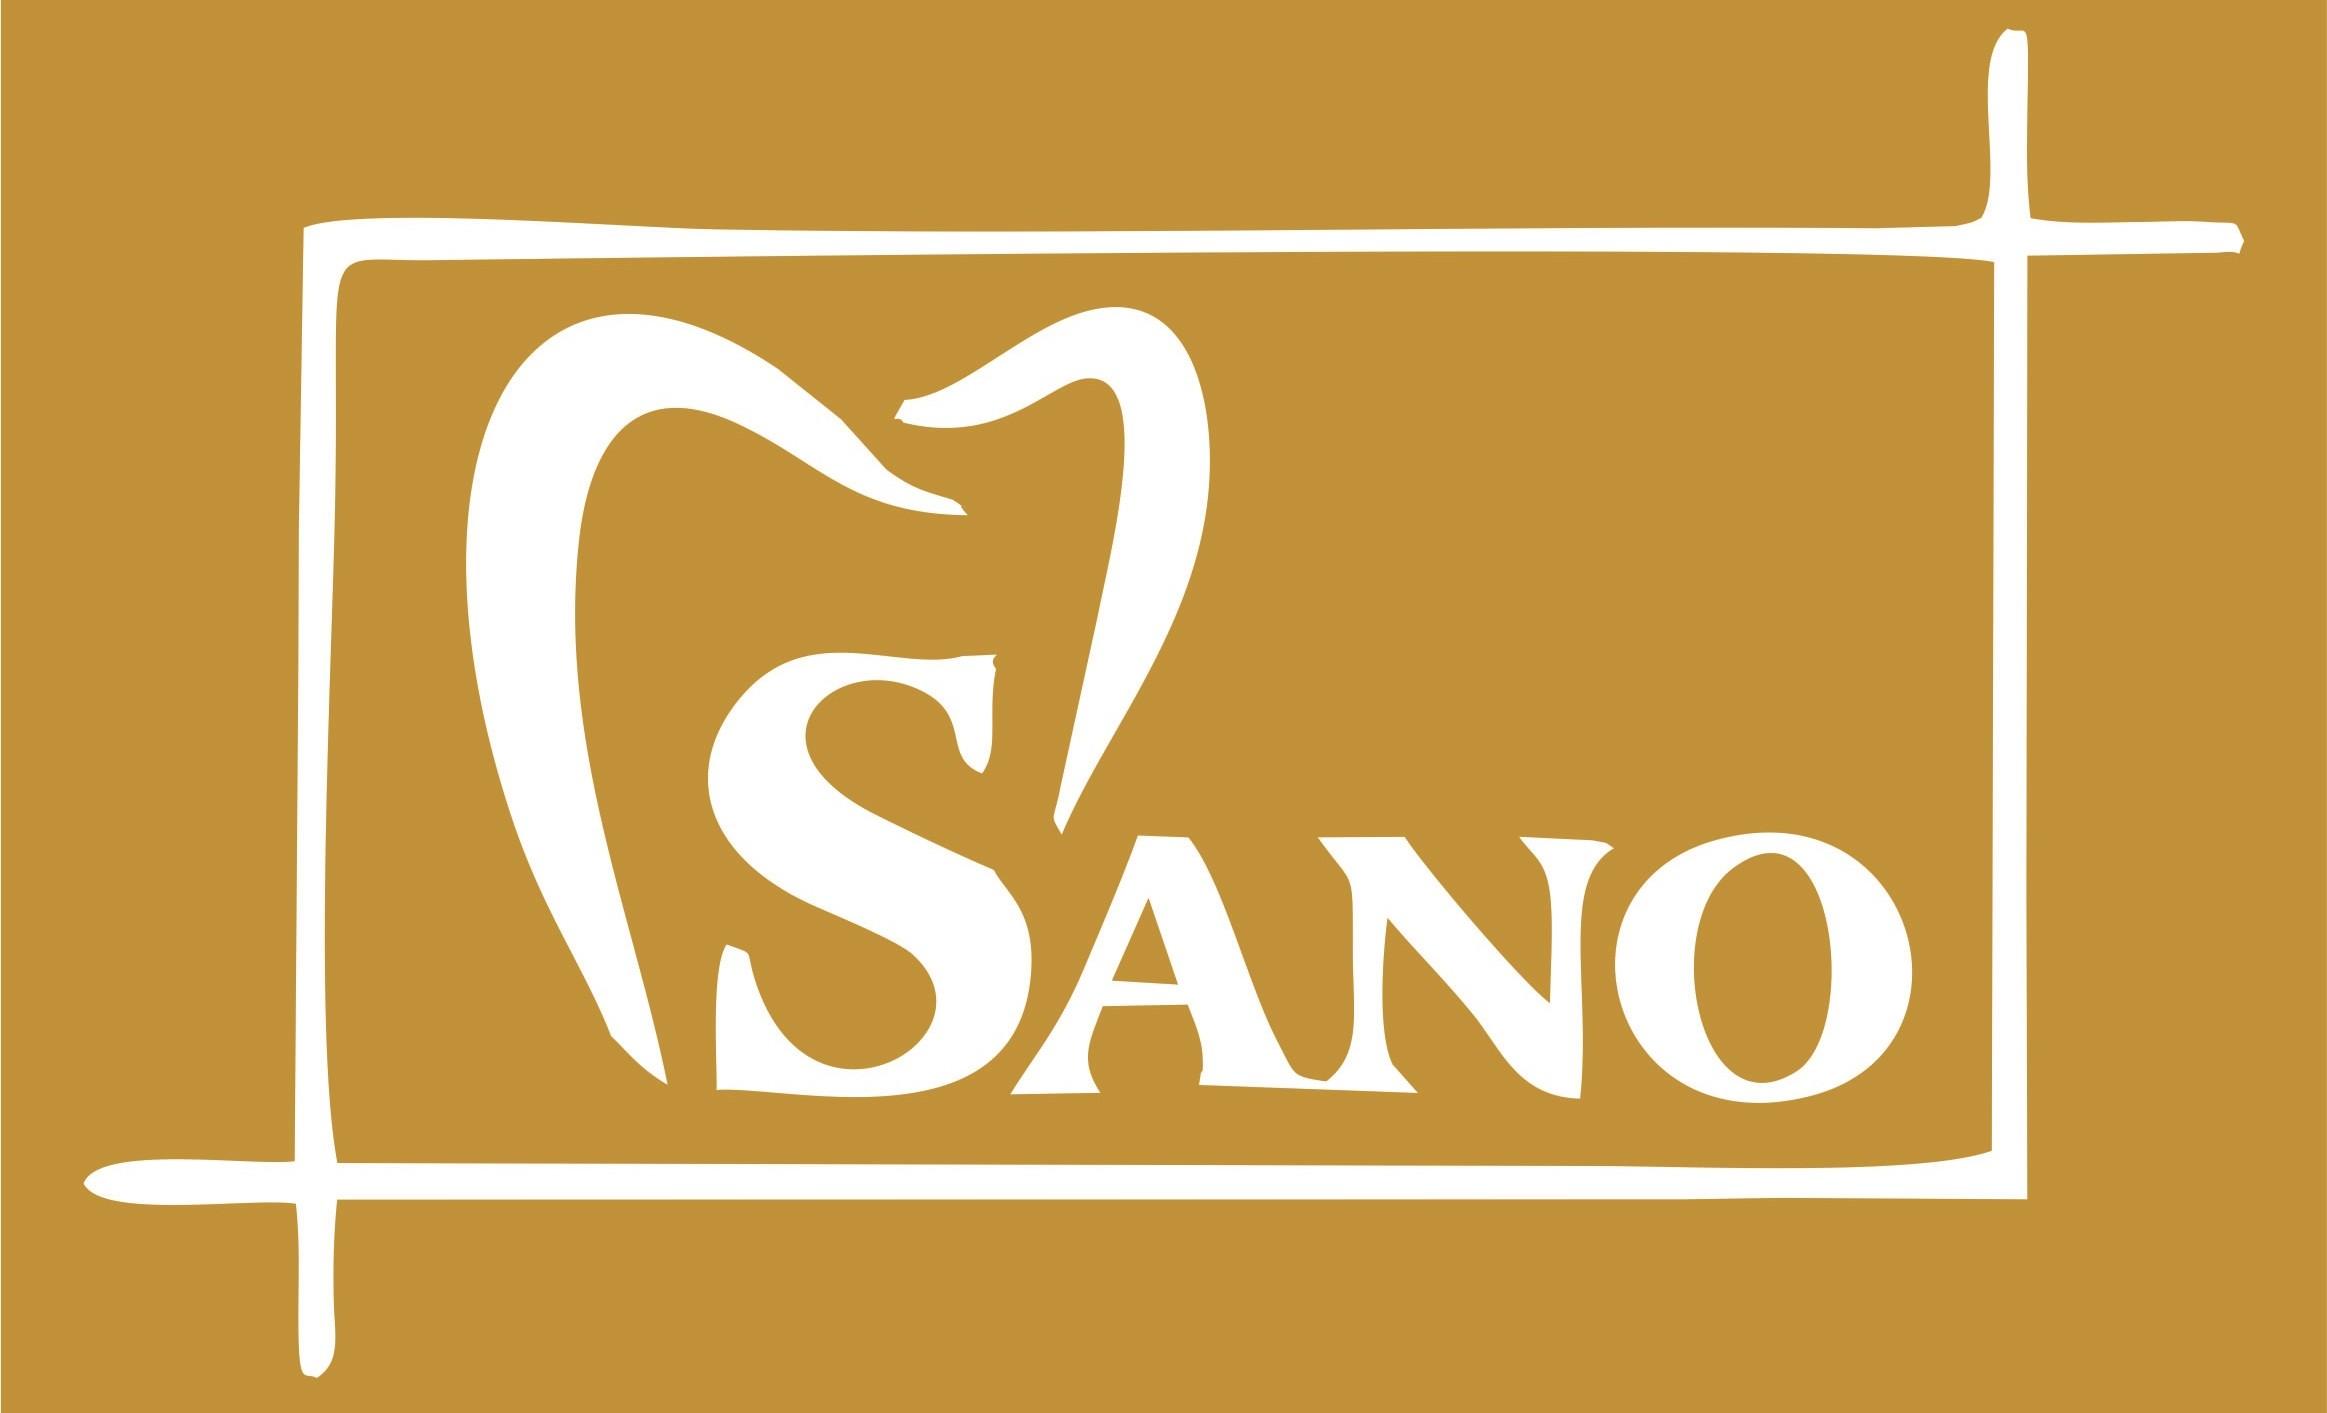 სტომატოლოგიური კლინიკა სანო